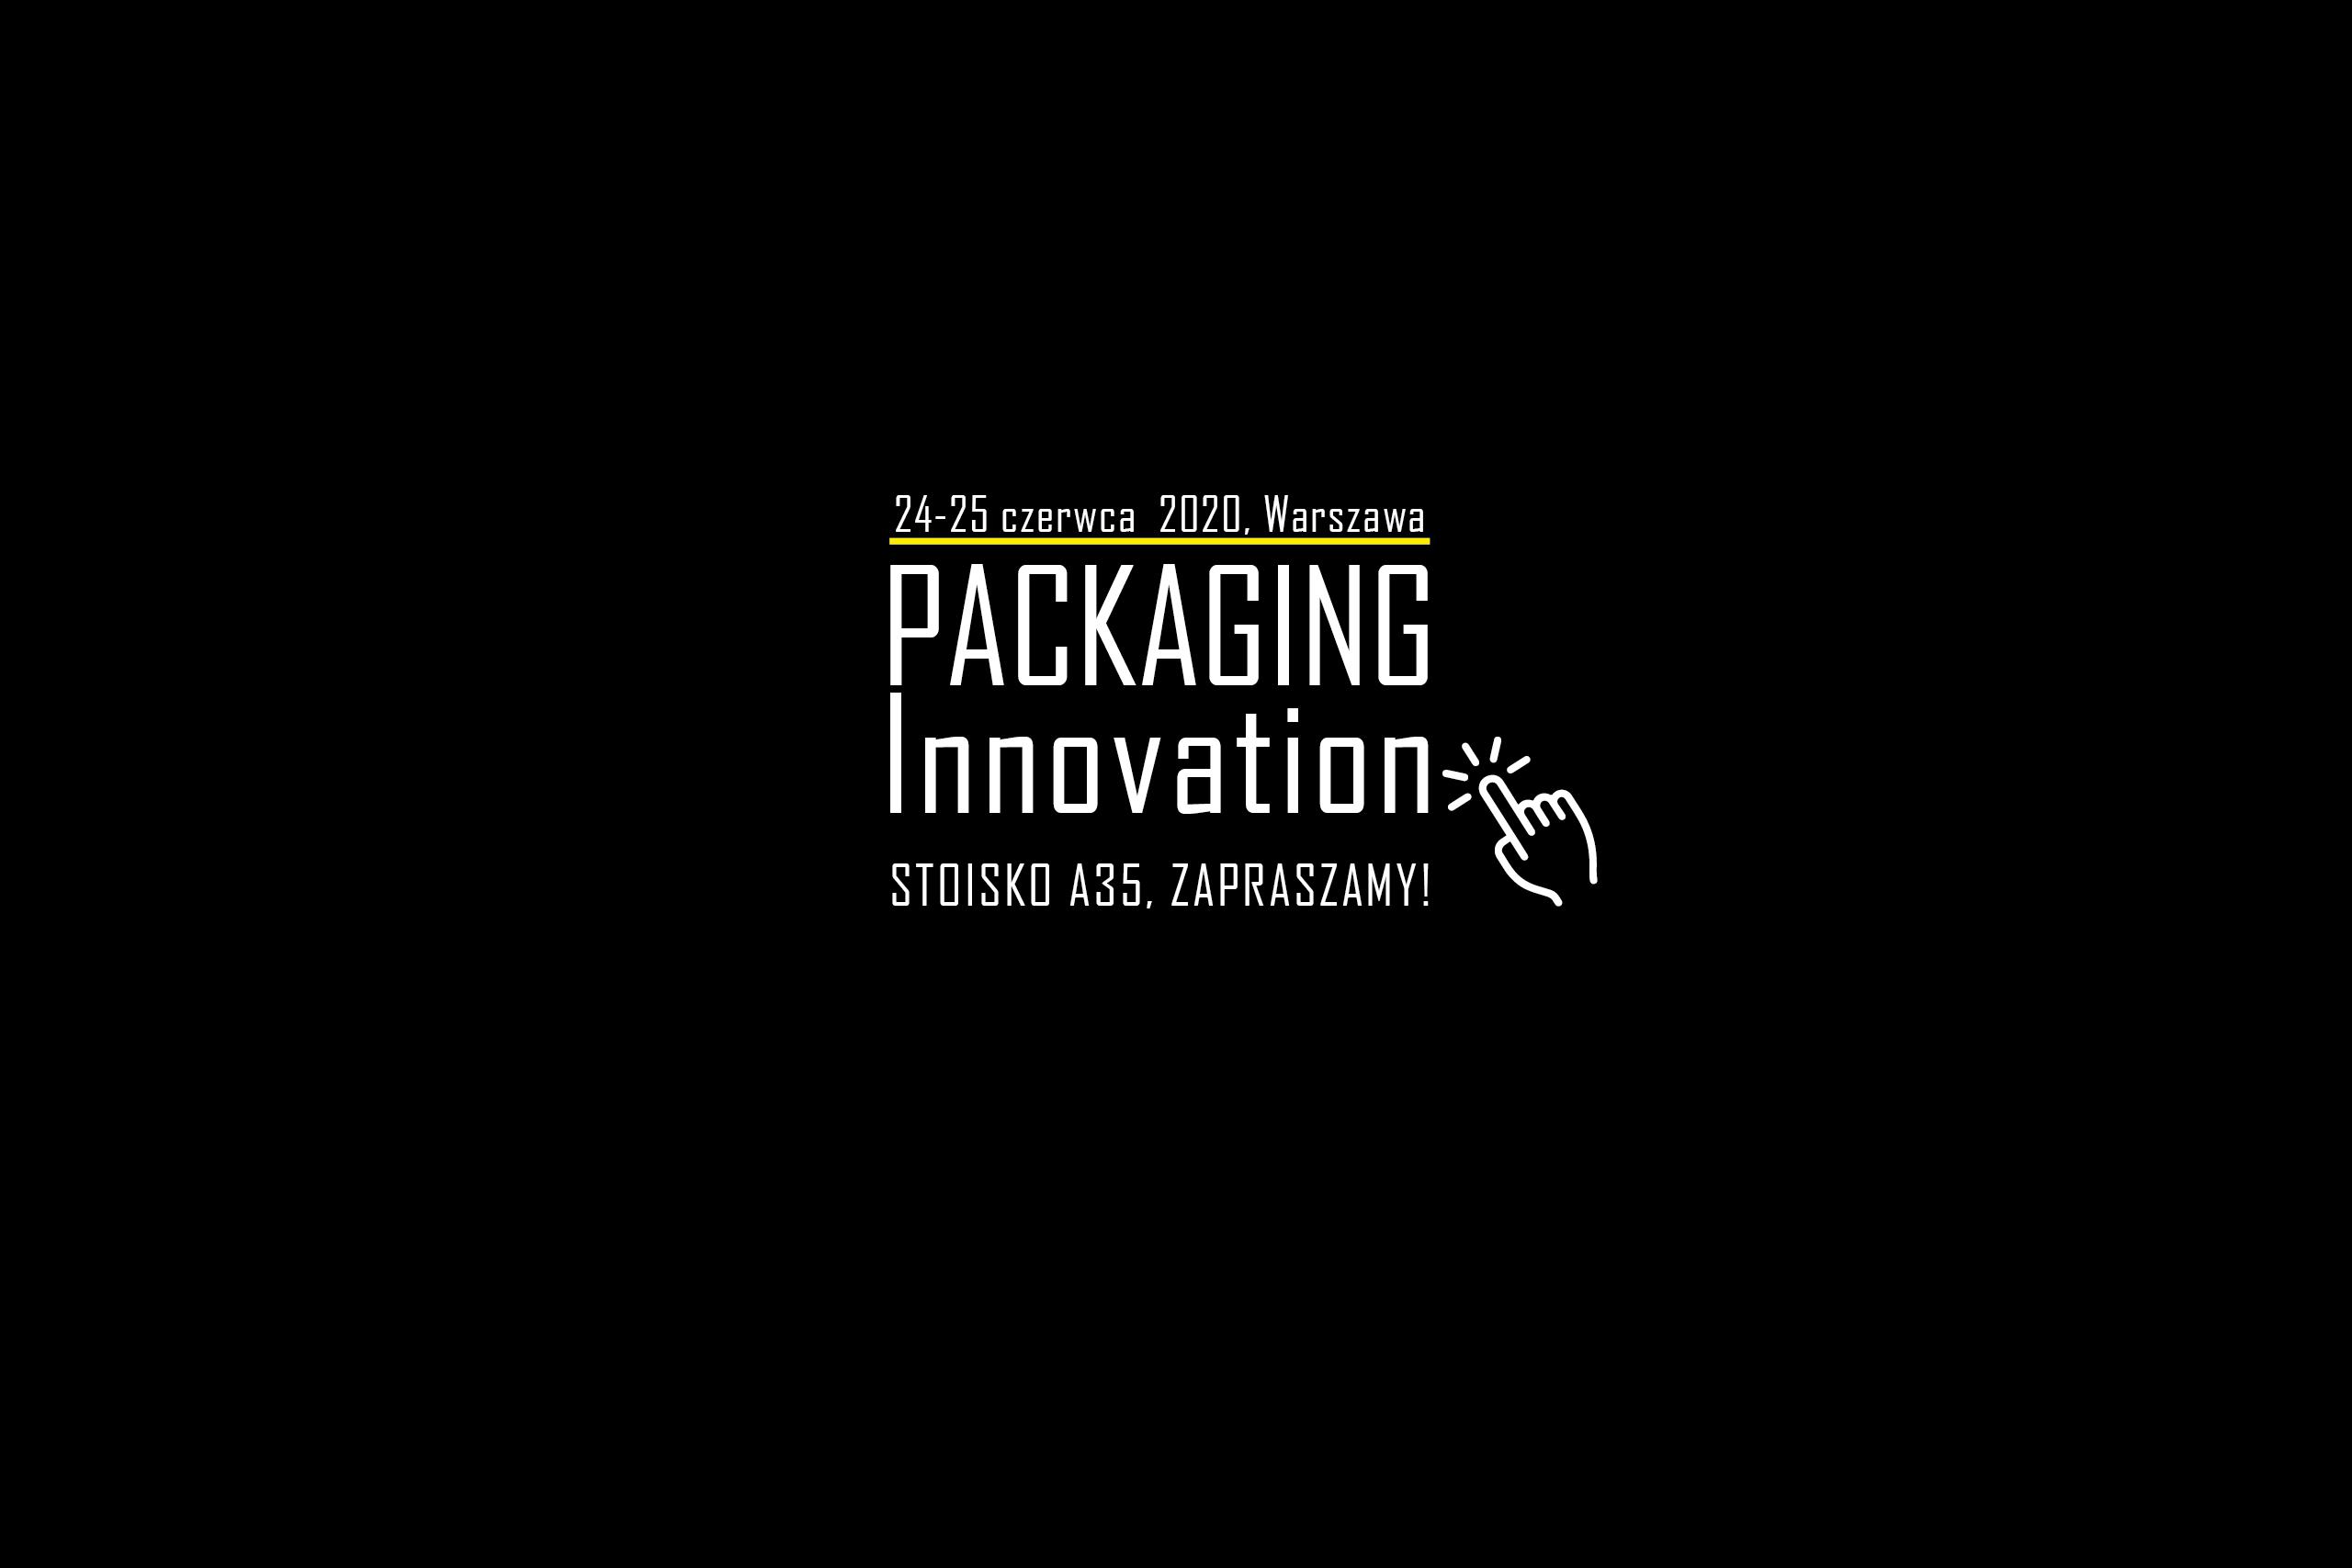 Targi Packaging Innovation